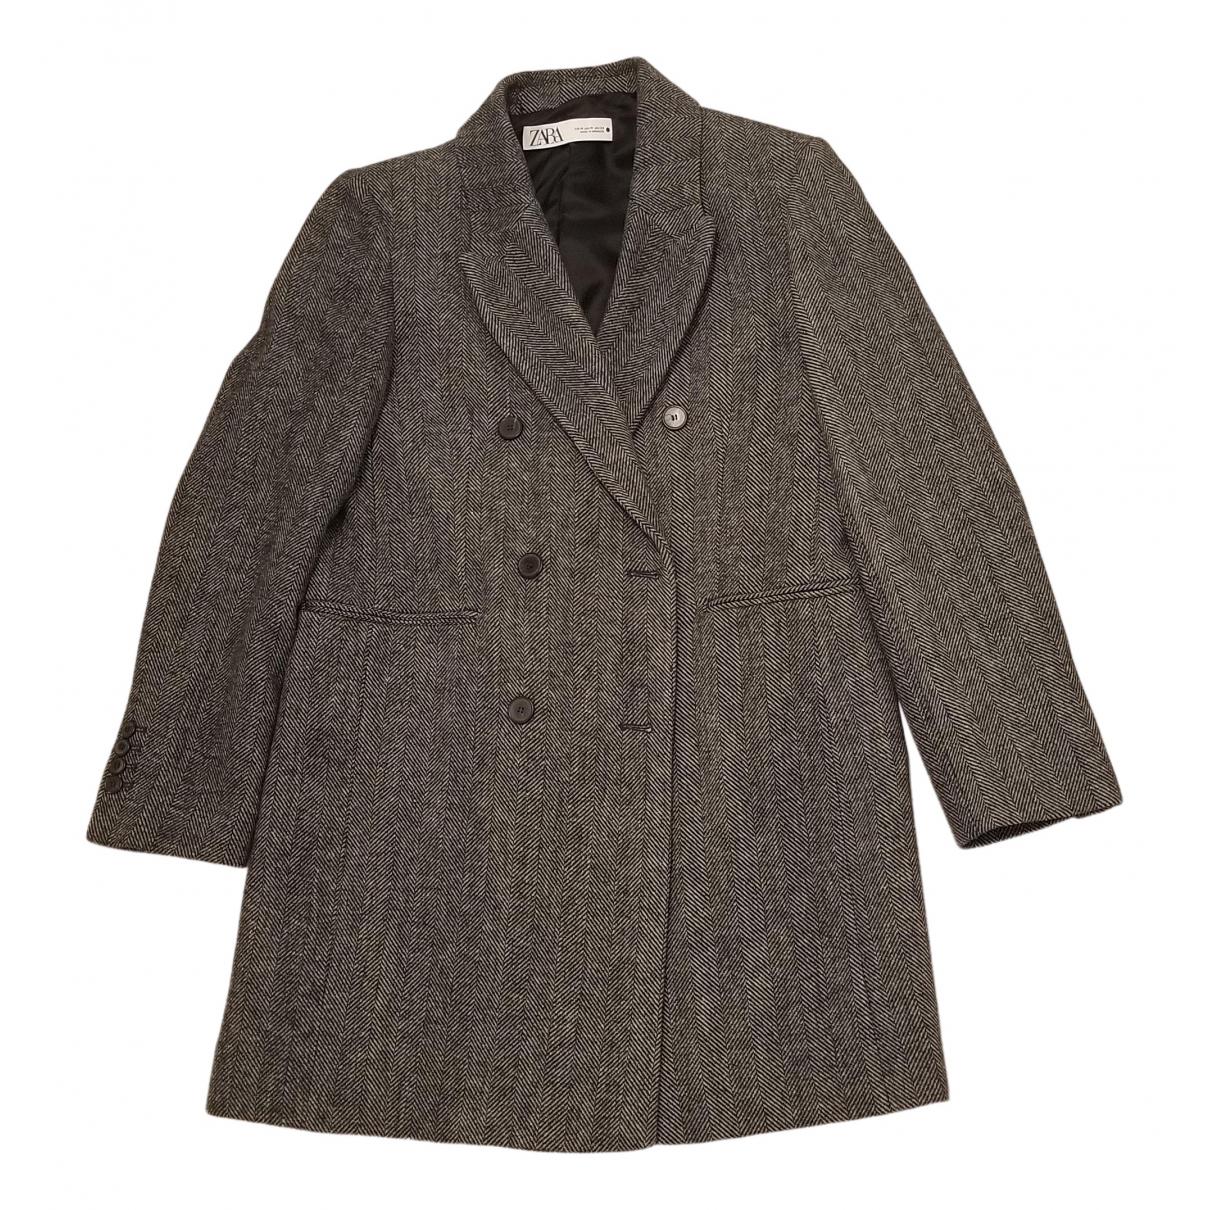 Zara - Manteau   pour femme - multicolore